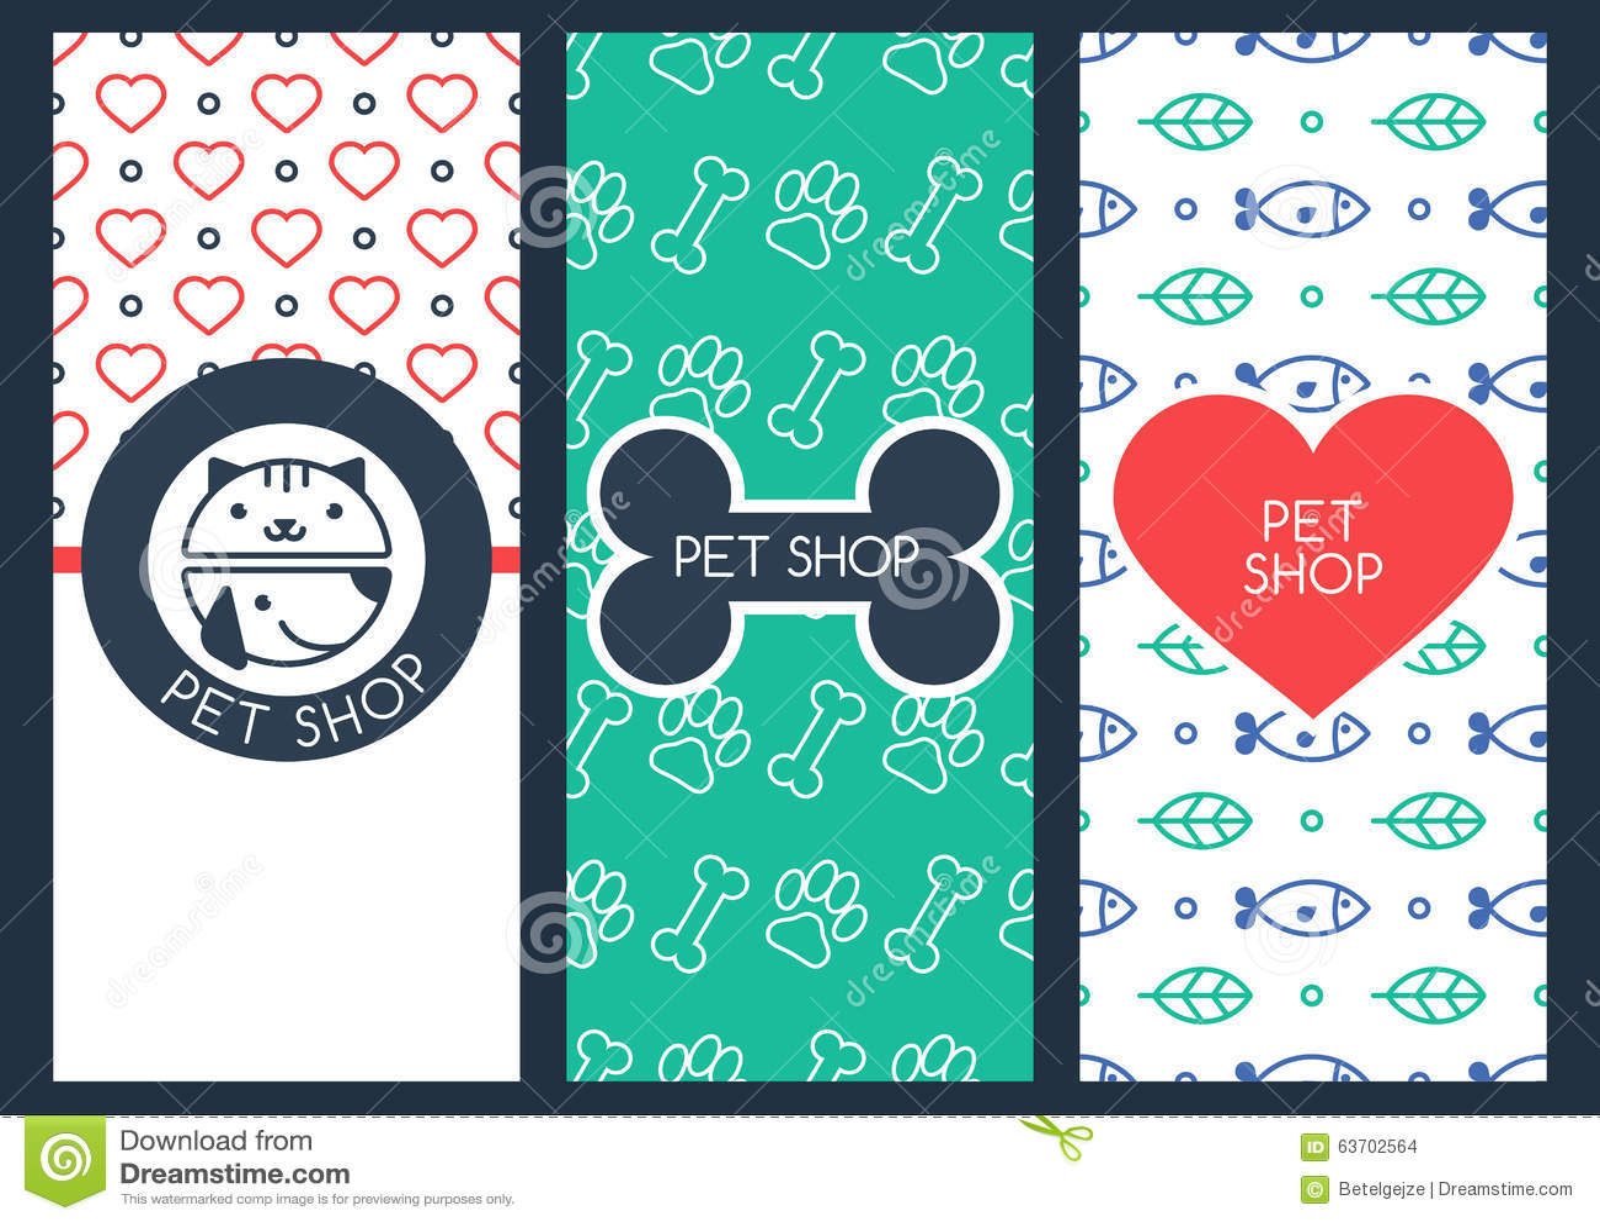 Den bakgrunds-, reklamblad- eller banermallen för älsklings- shoppar eller veterinär-